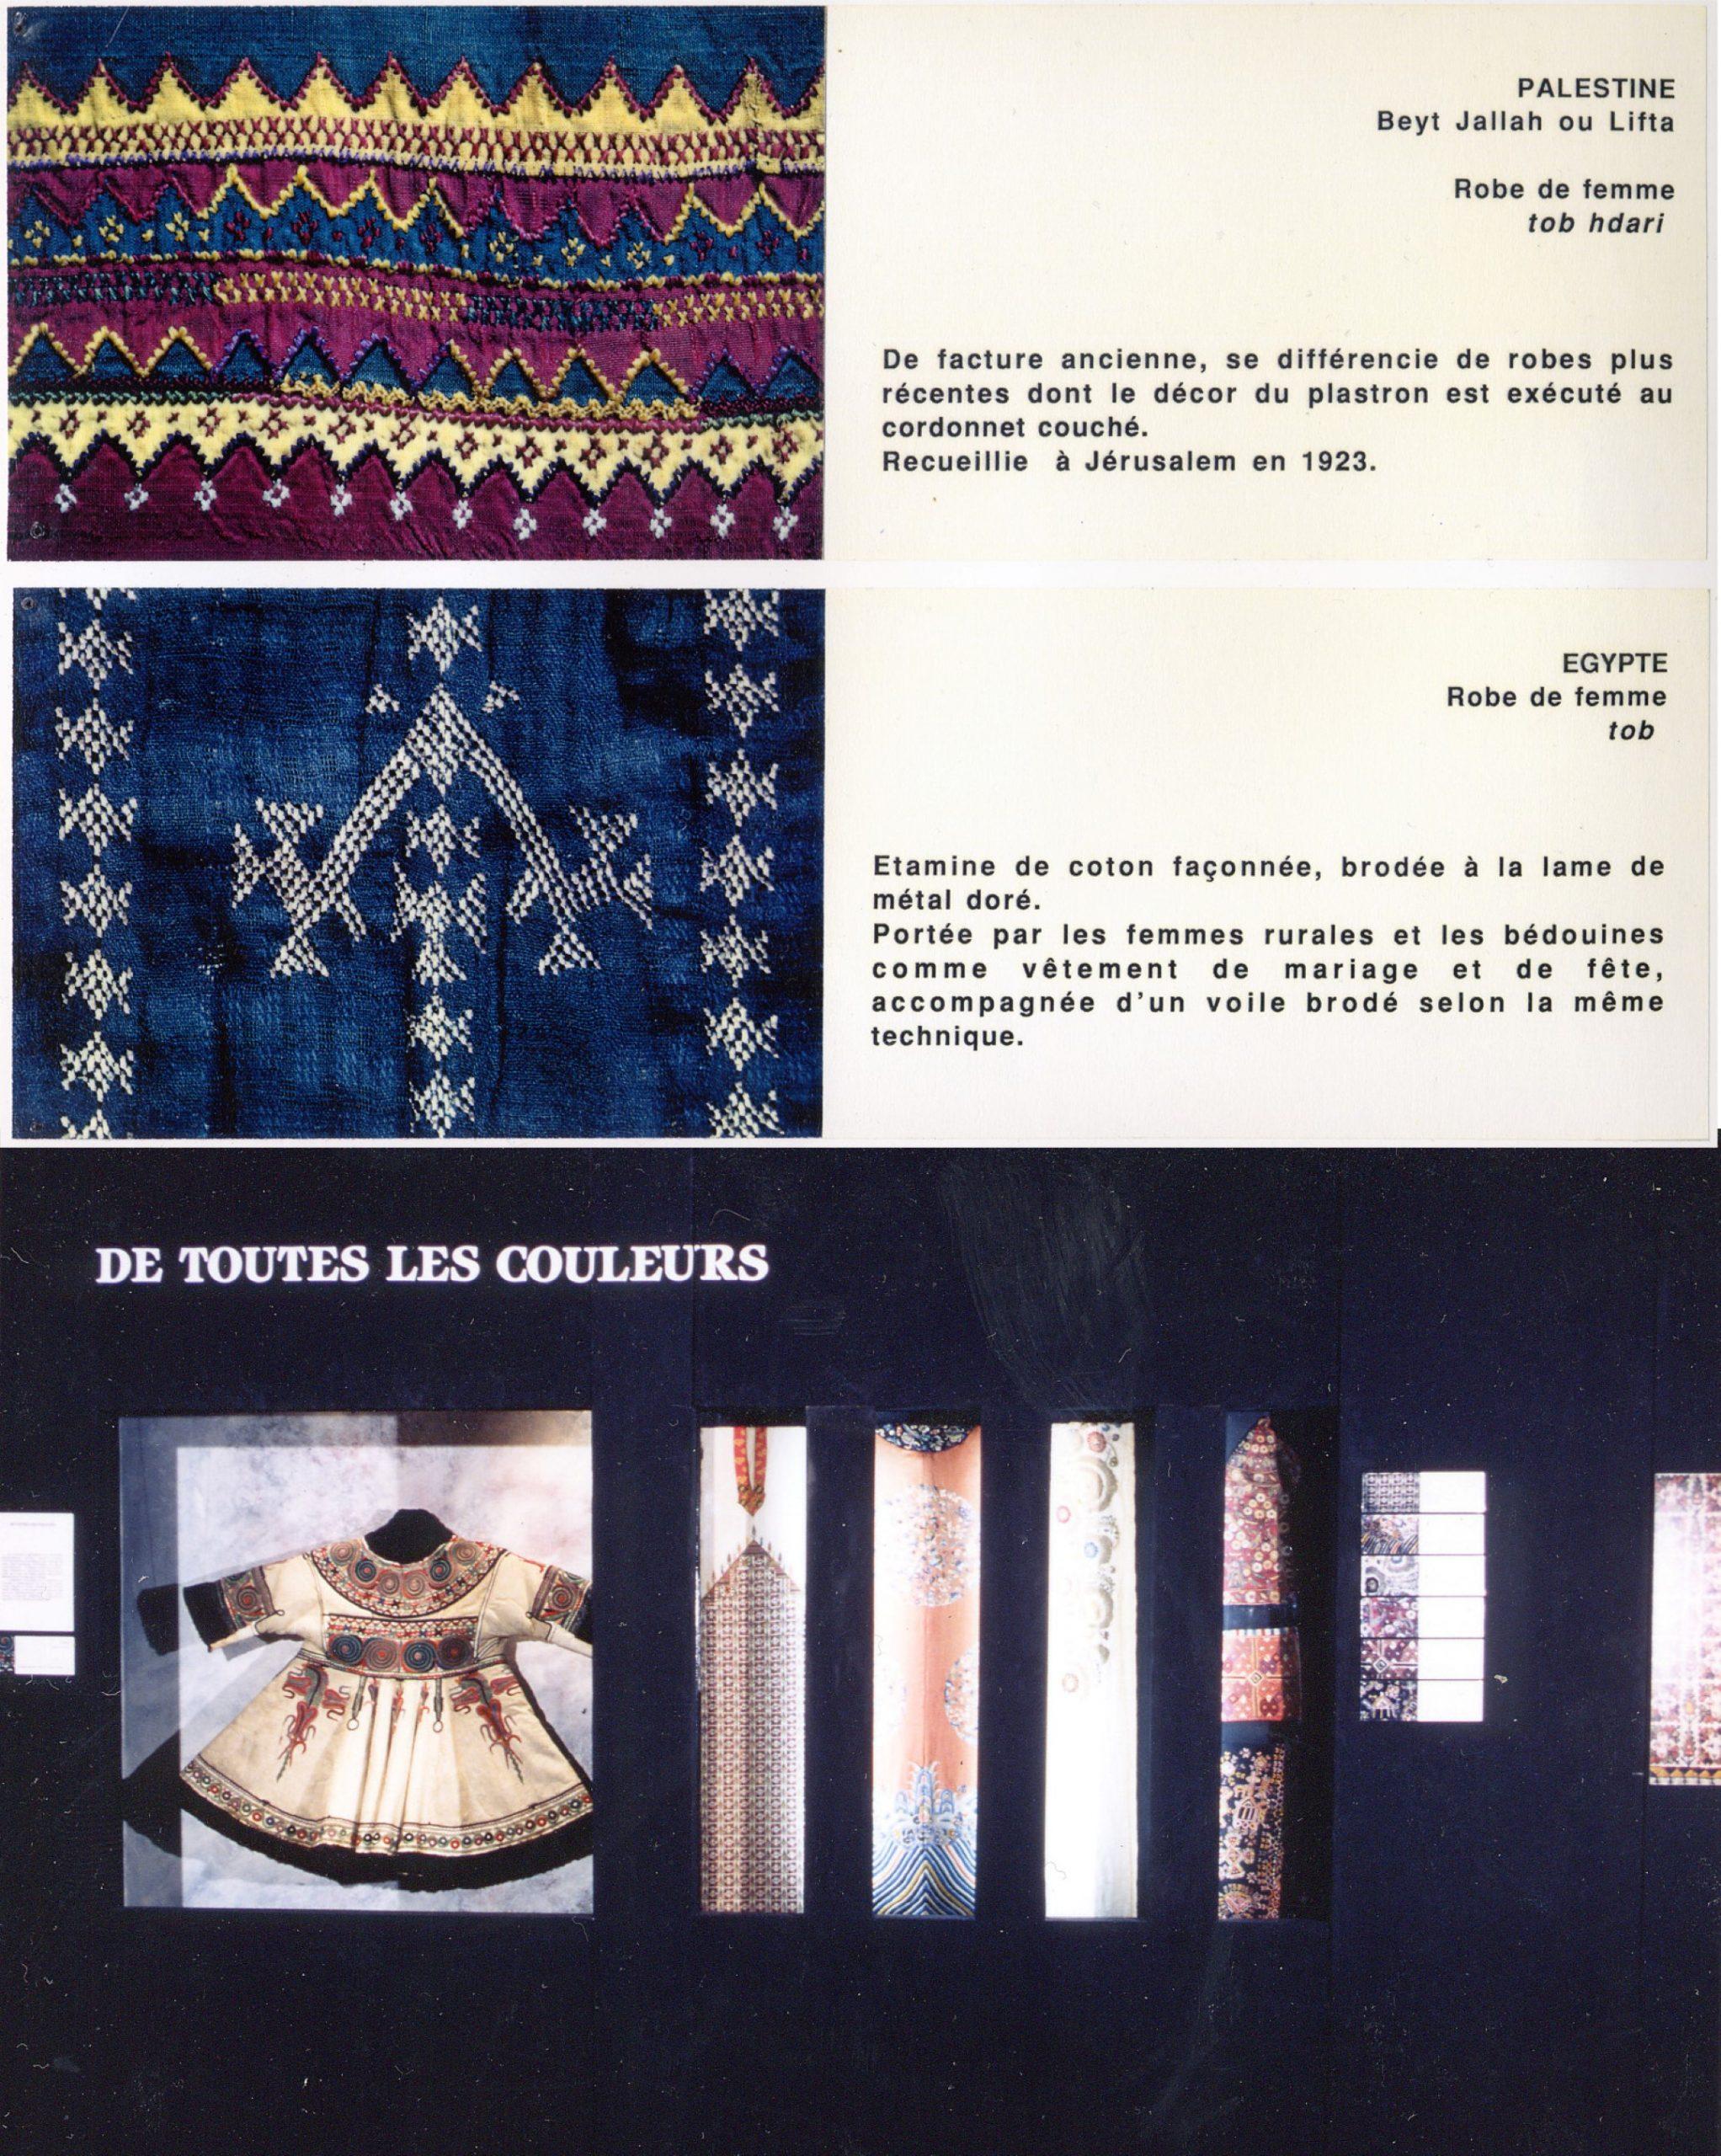 Orient d'un diplomate, Musée de l'Homme